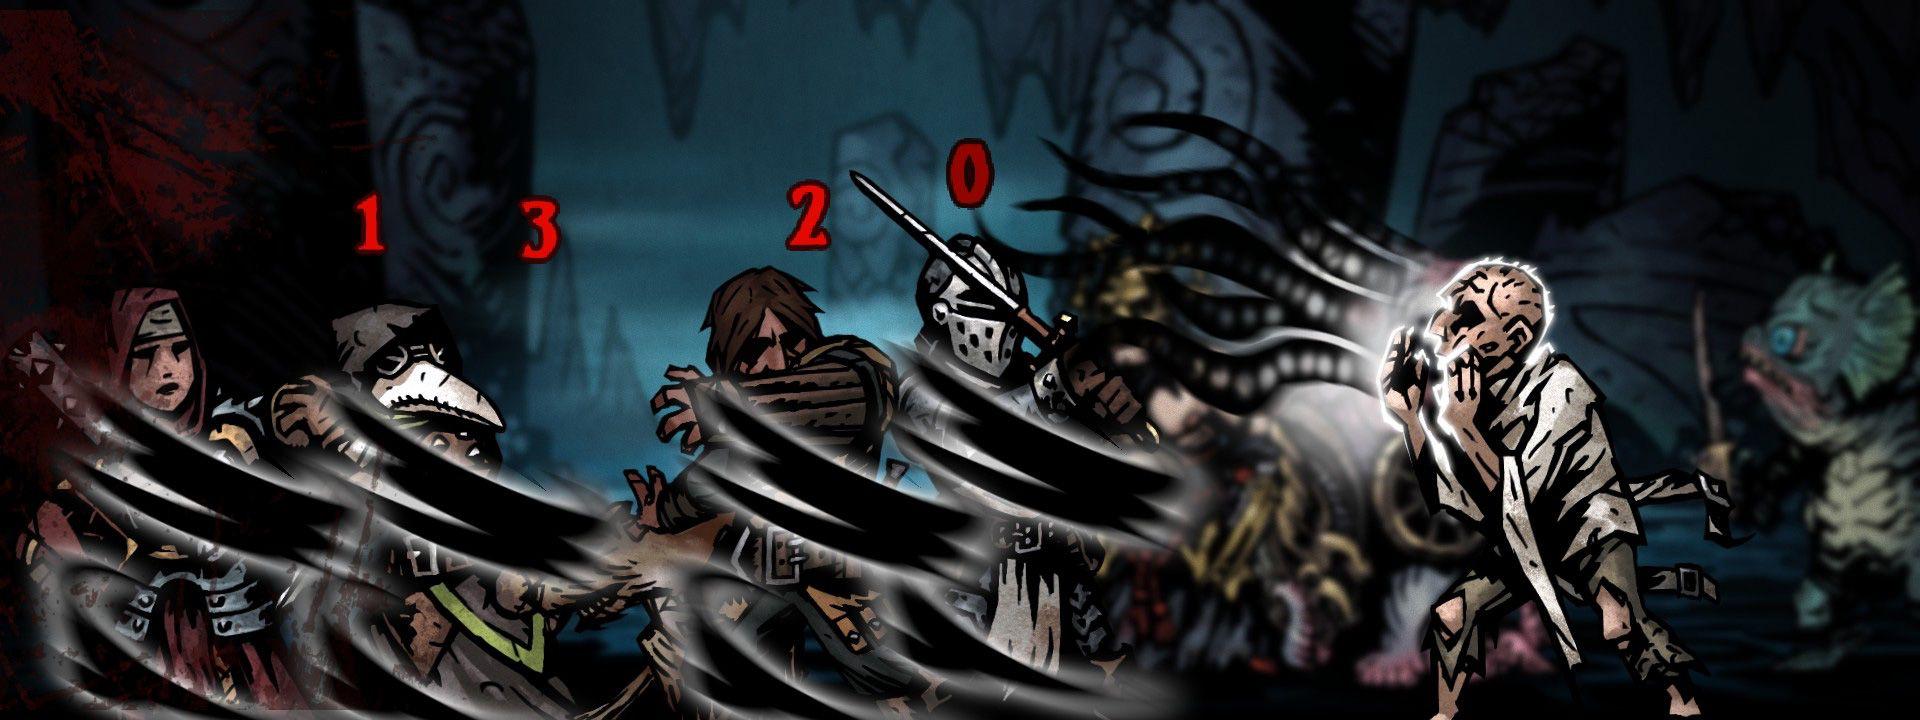 Darkest Dungeon screenshot crop 01 1920